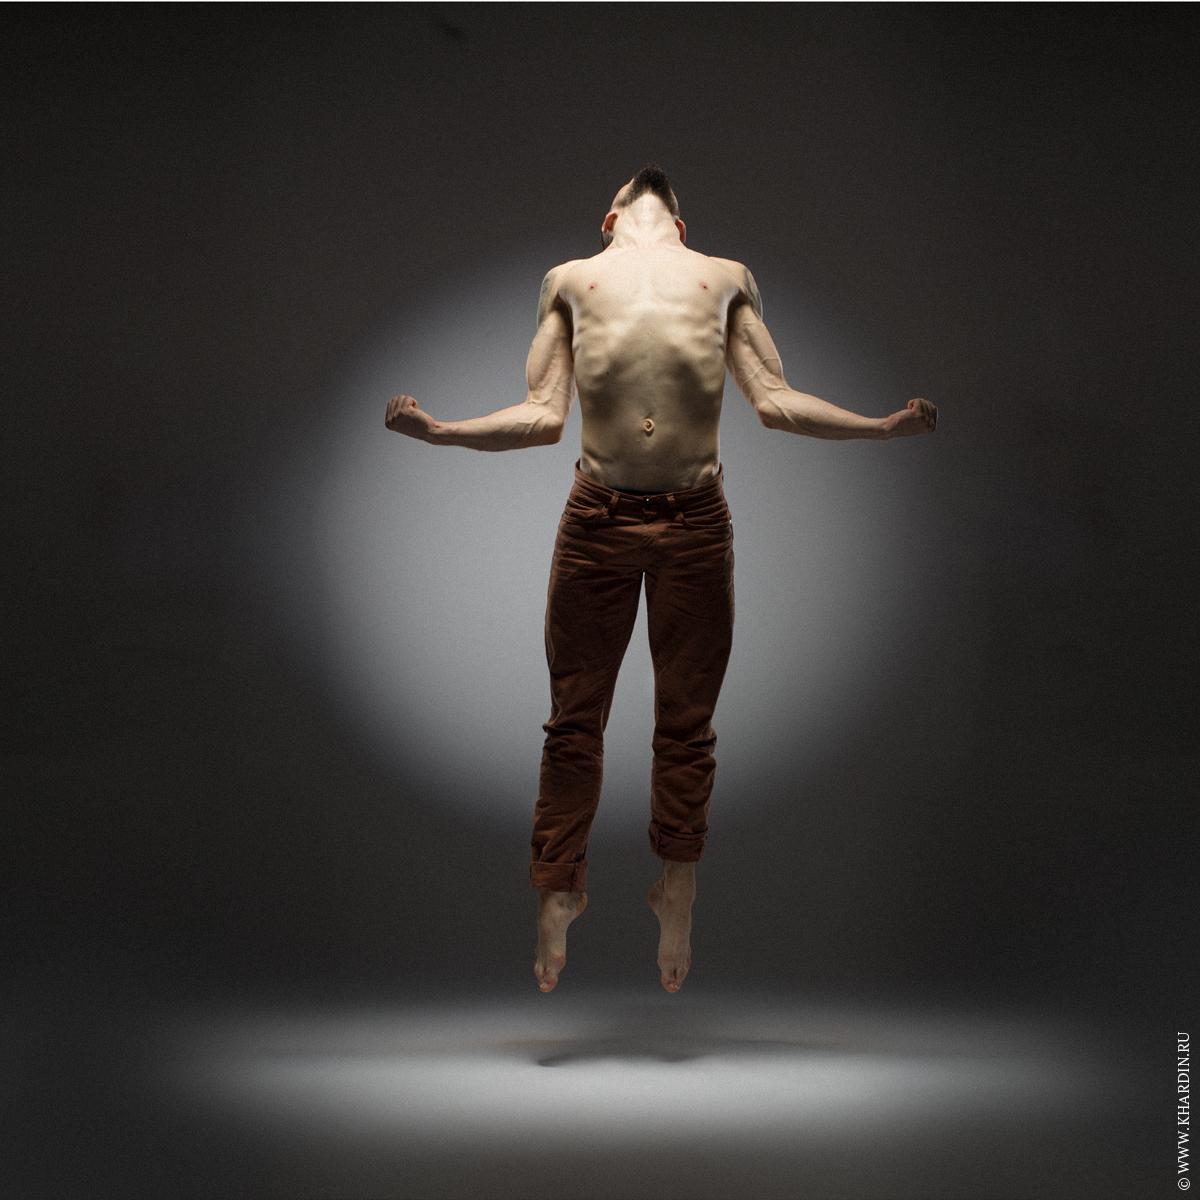 Владивосток | Фотосъемка танцоров |  Dance Magic | Ragnar proj.